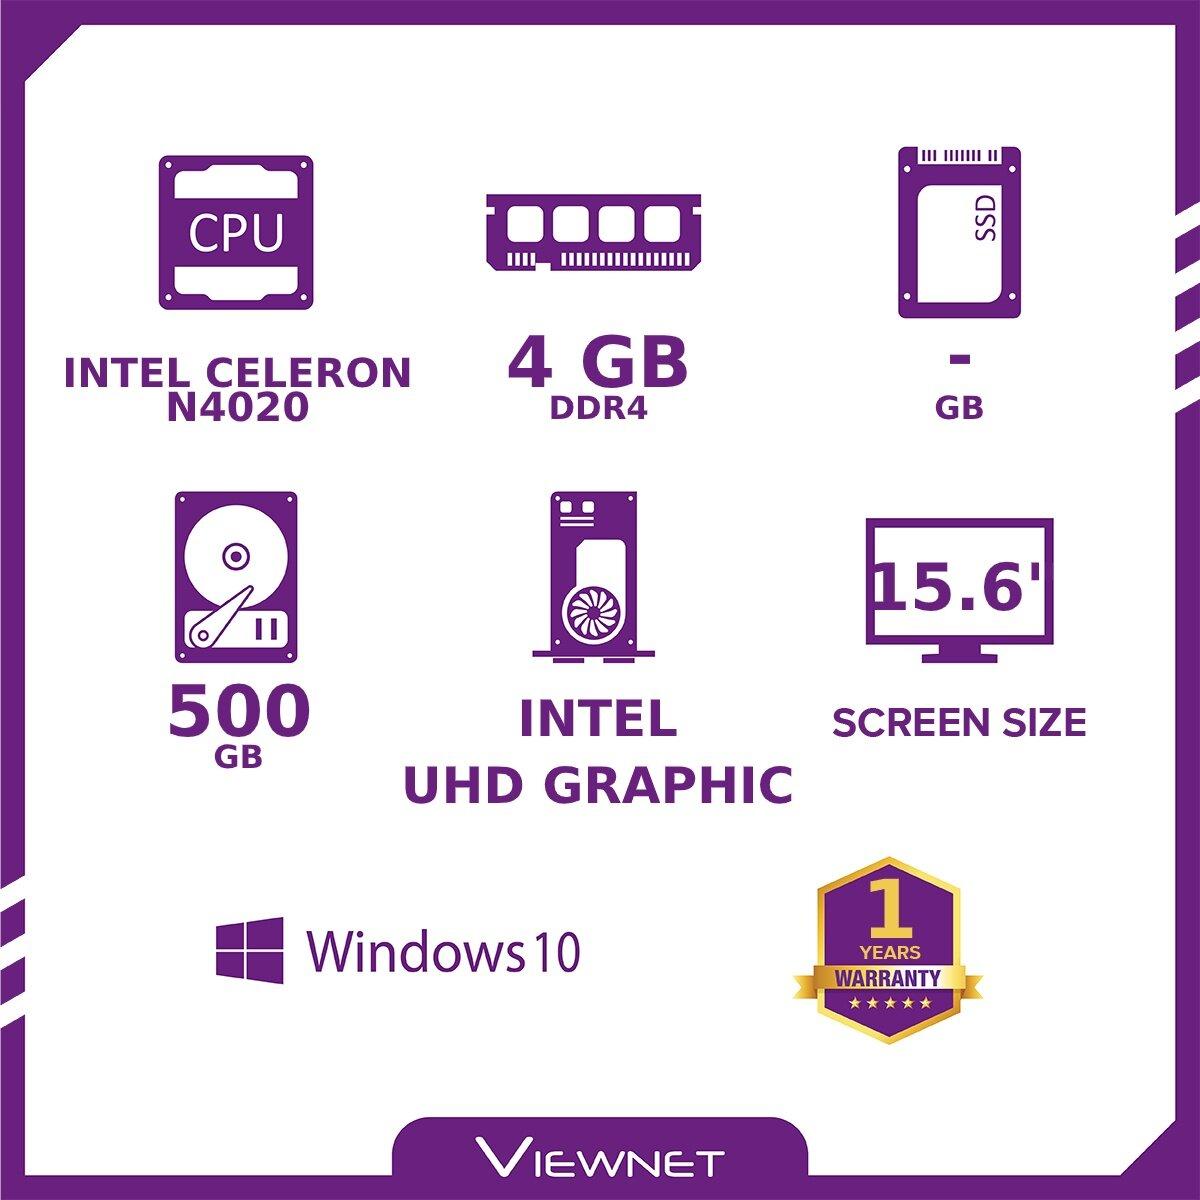 ASUS VIVOBOOK A509M-ABR101T LAPTOP INTEL CELERON N4020 4GB DDR4 500GB HDD INTEL HD W10 15.6